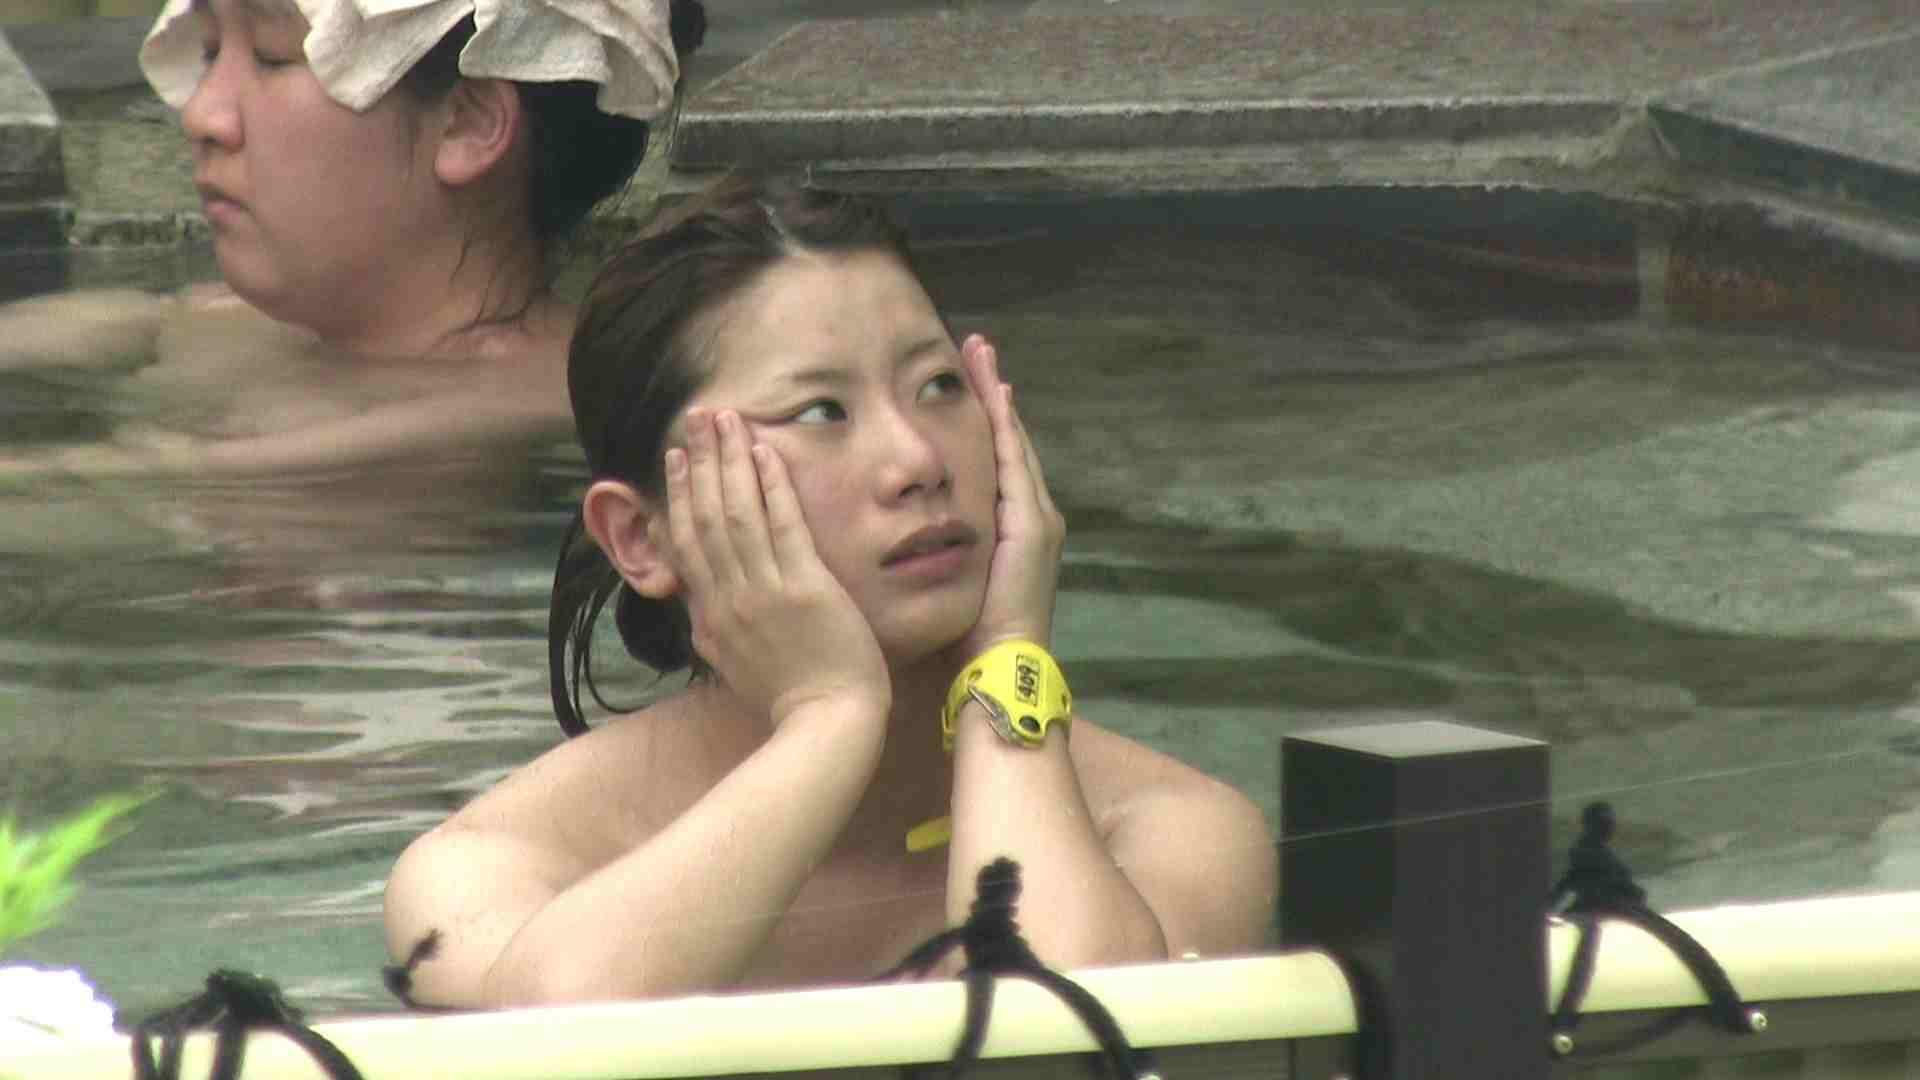 Aquaな露天風呂Vol.19【VIP】 美しいOLの裸体   盗撮師作品  106pic 7